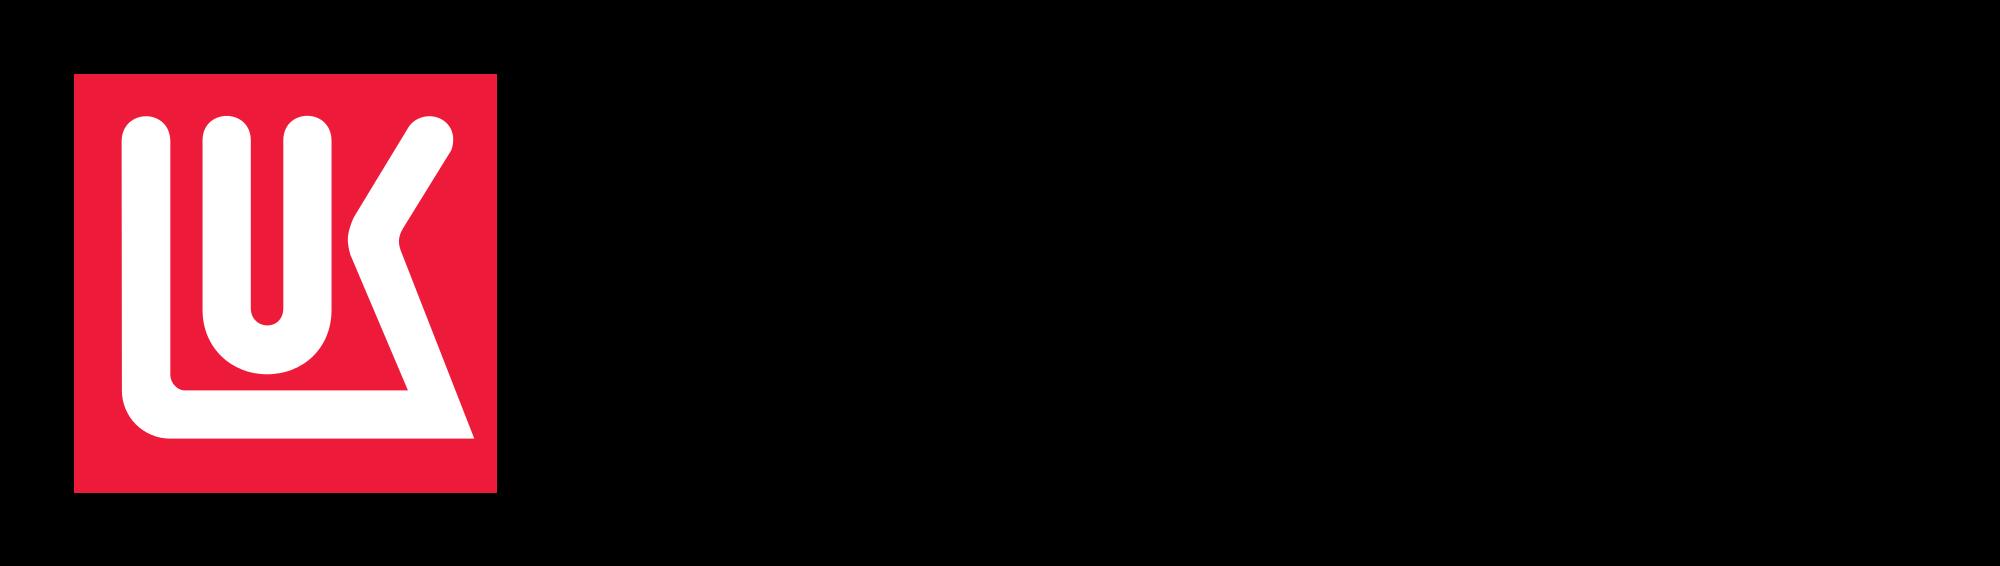 лукоил